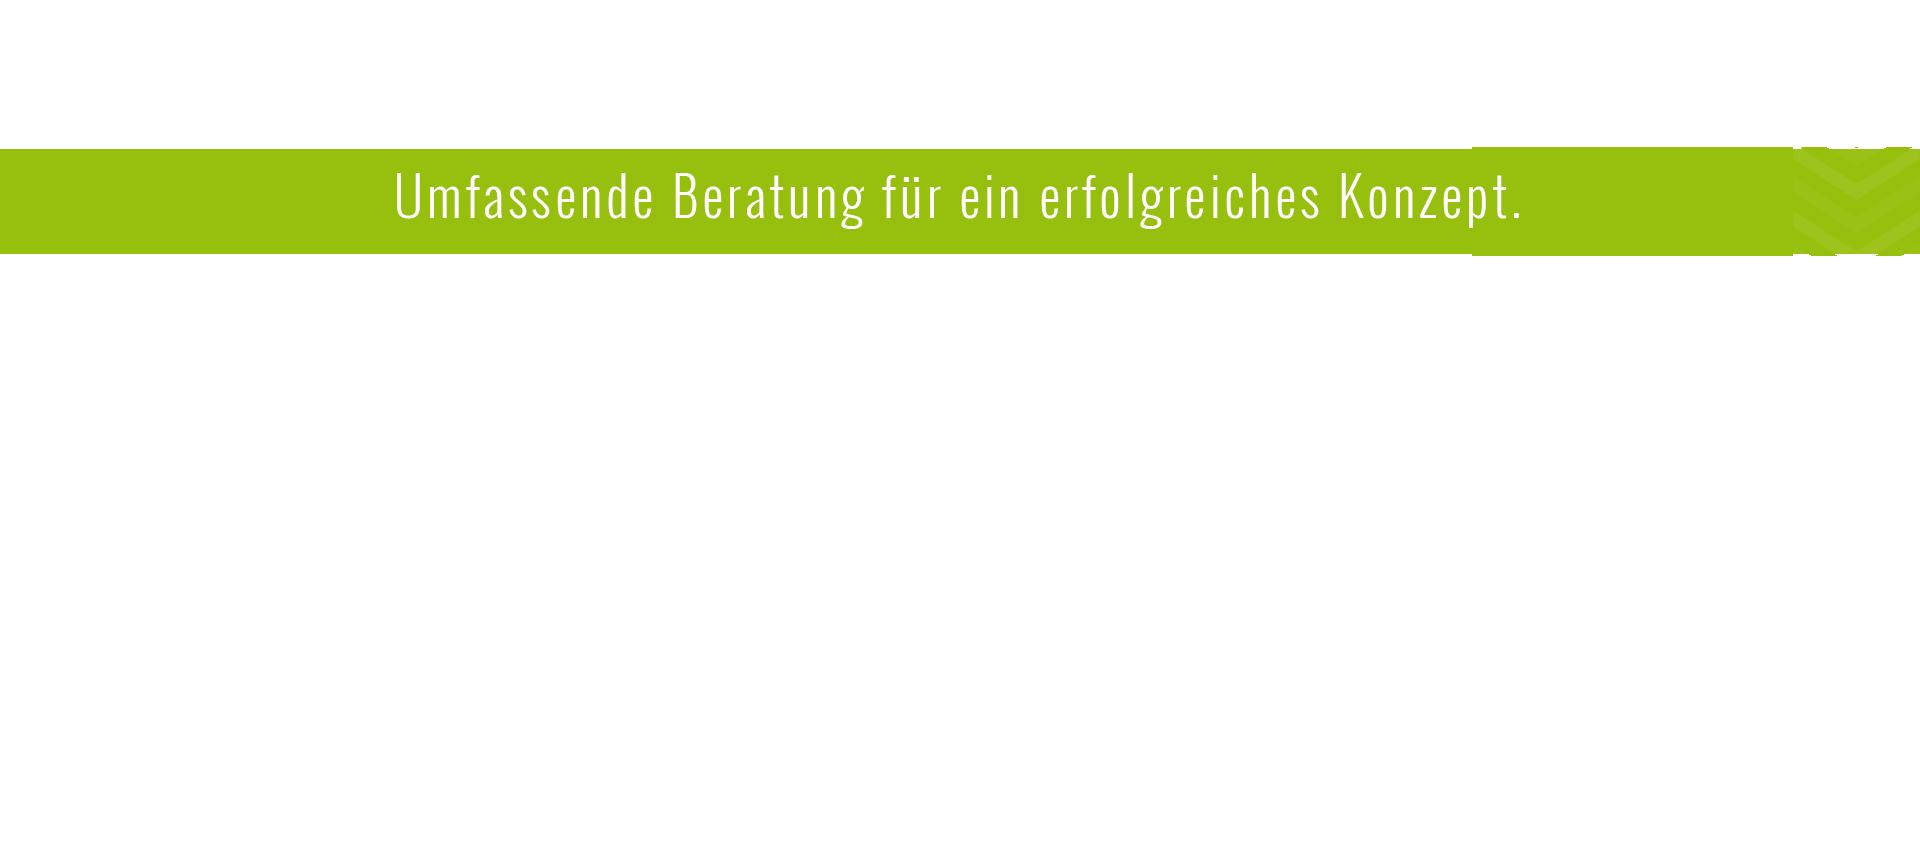 Die Werbeagentur aus Bielefeld – Webdesign, Suchmaschinenoptimierung (SEO), Affiliate Marketing, Grafik Design, Shop Systeme, Corporate-Design, Website, Homepage, Visitenkarten, Geschäftspapiere, Fahrzeugbeschriftung, Logo-Erstellung, Corporate-Identity, Online-Marketing, Videoproduktion, Flip-Book, E-Paper, Hochzeitspapeterie